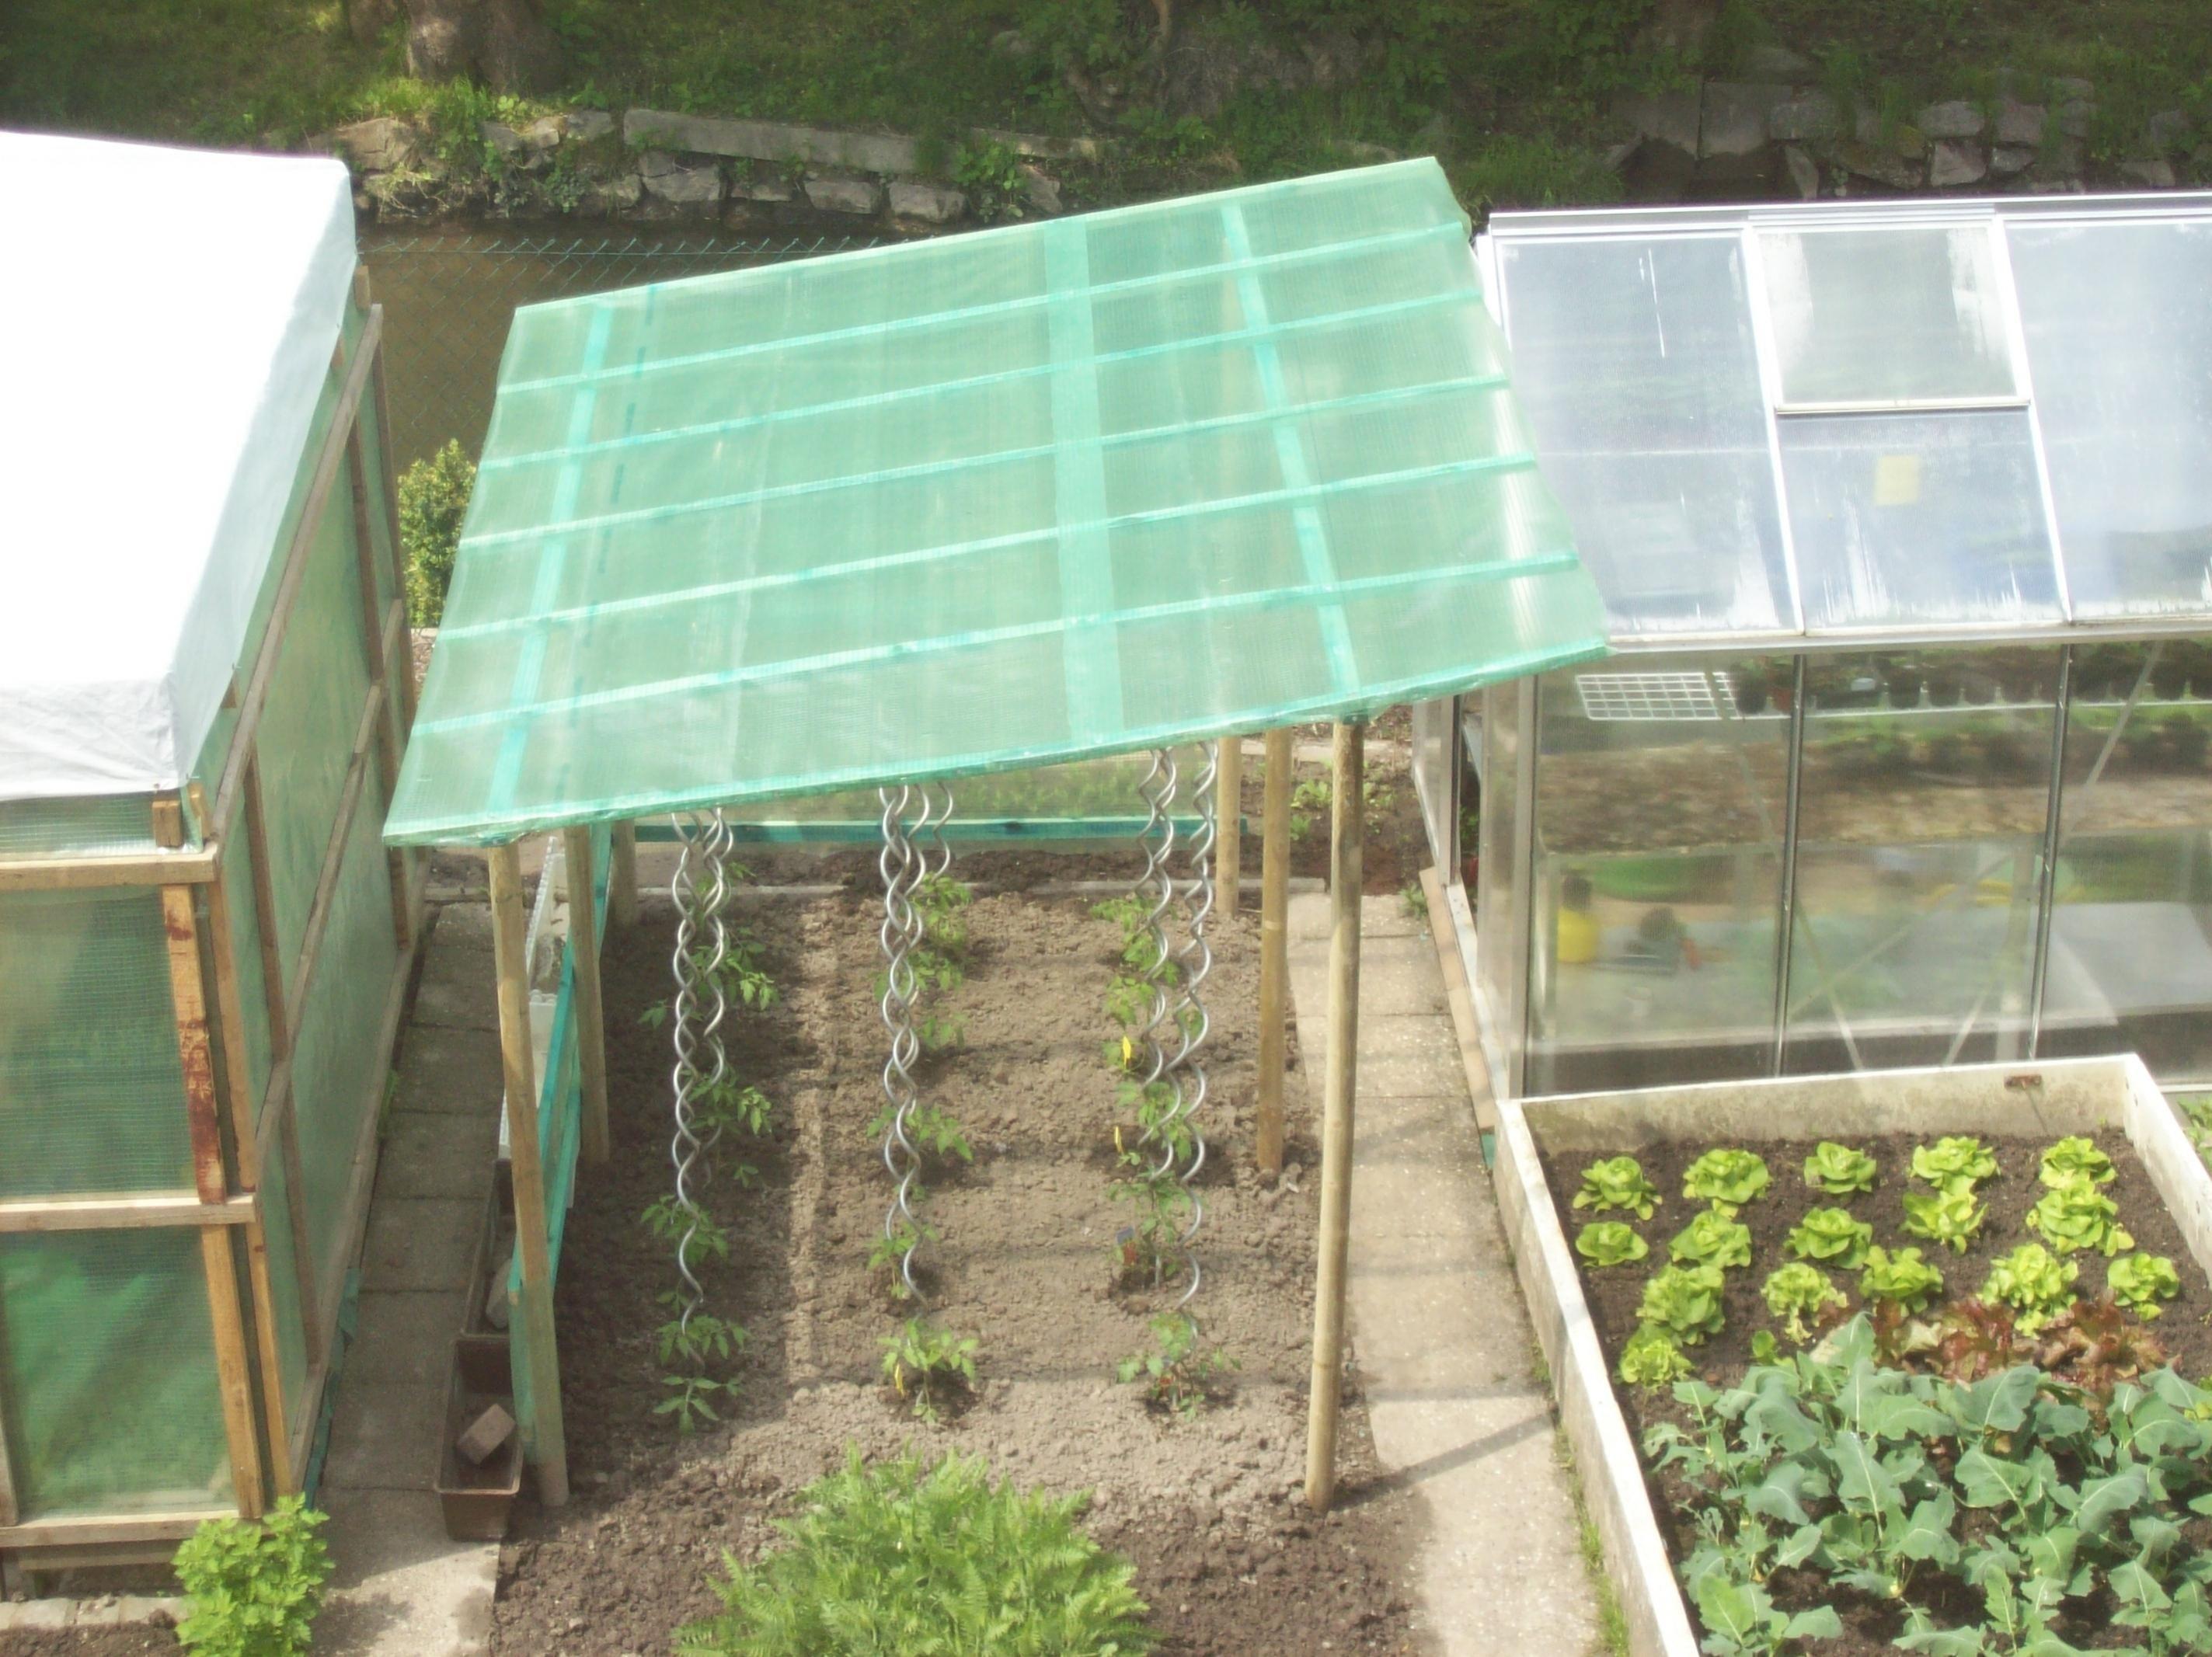 bildergebnis f r tomatenhaus selbst bauen garten pinterest tomatenhaus selbst bauen und. Black Bedroom Furniture Sets. Home Design Ideas